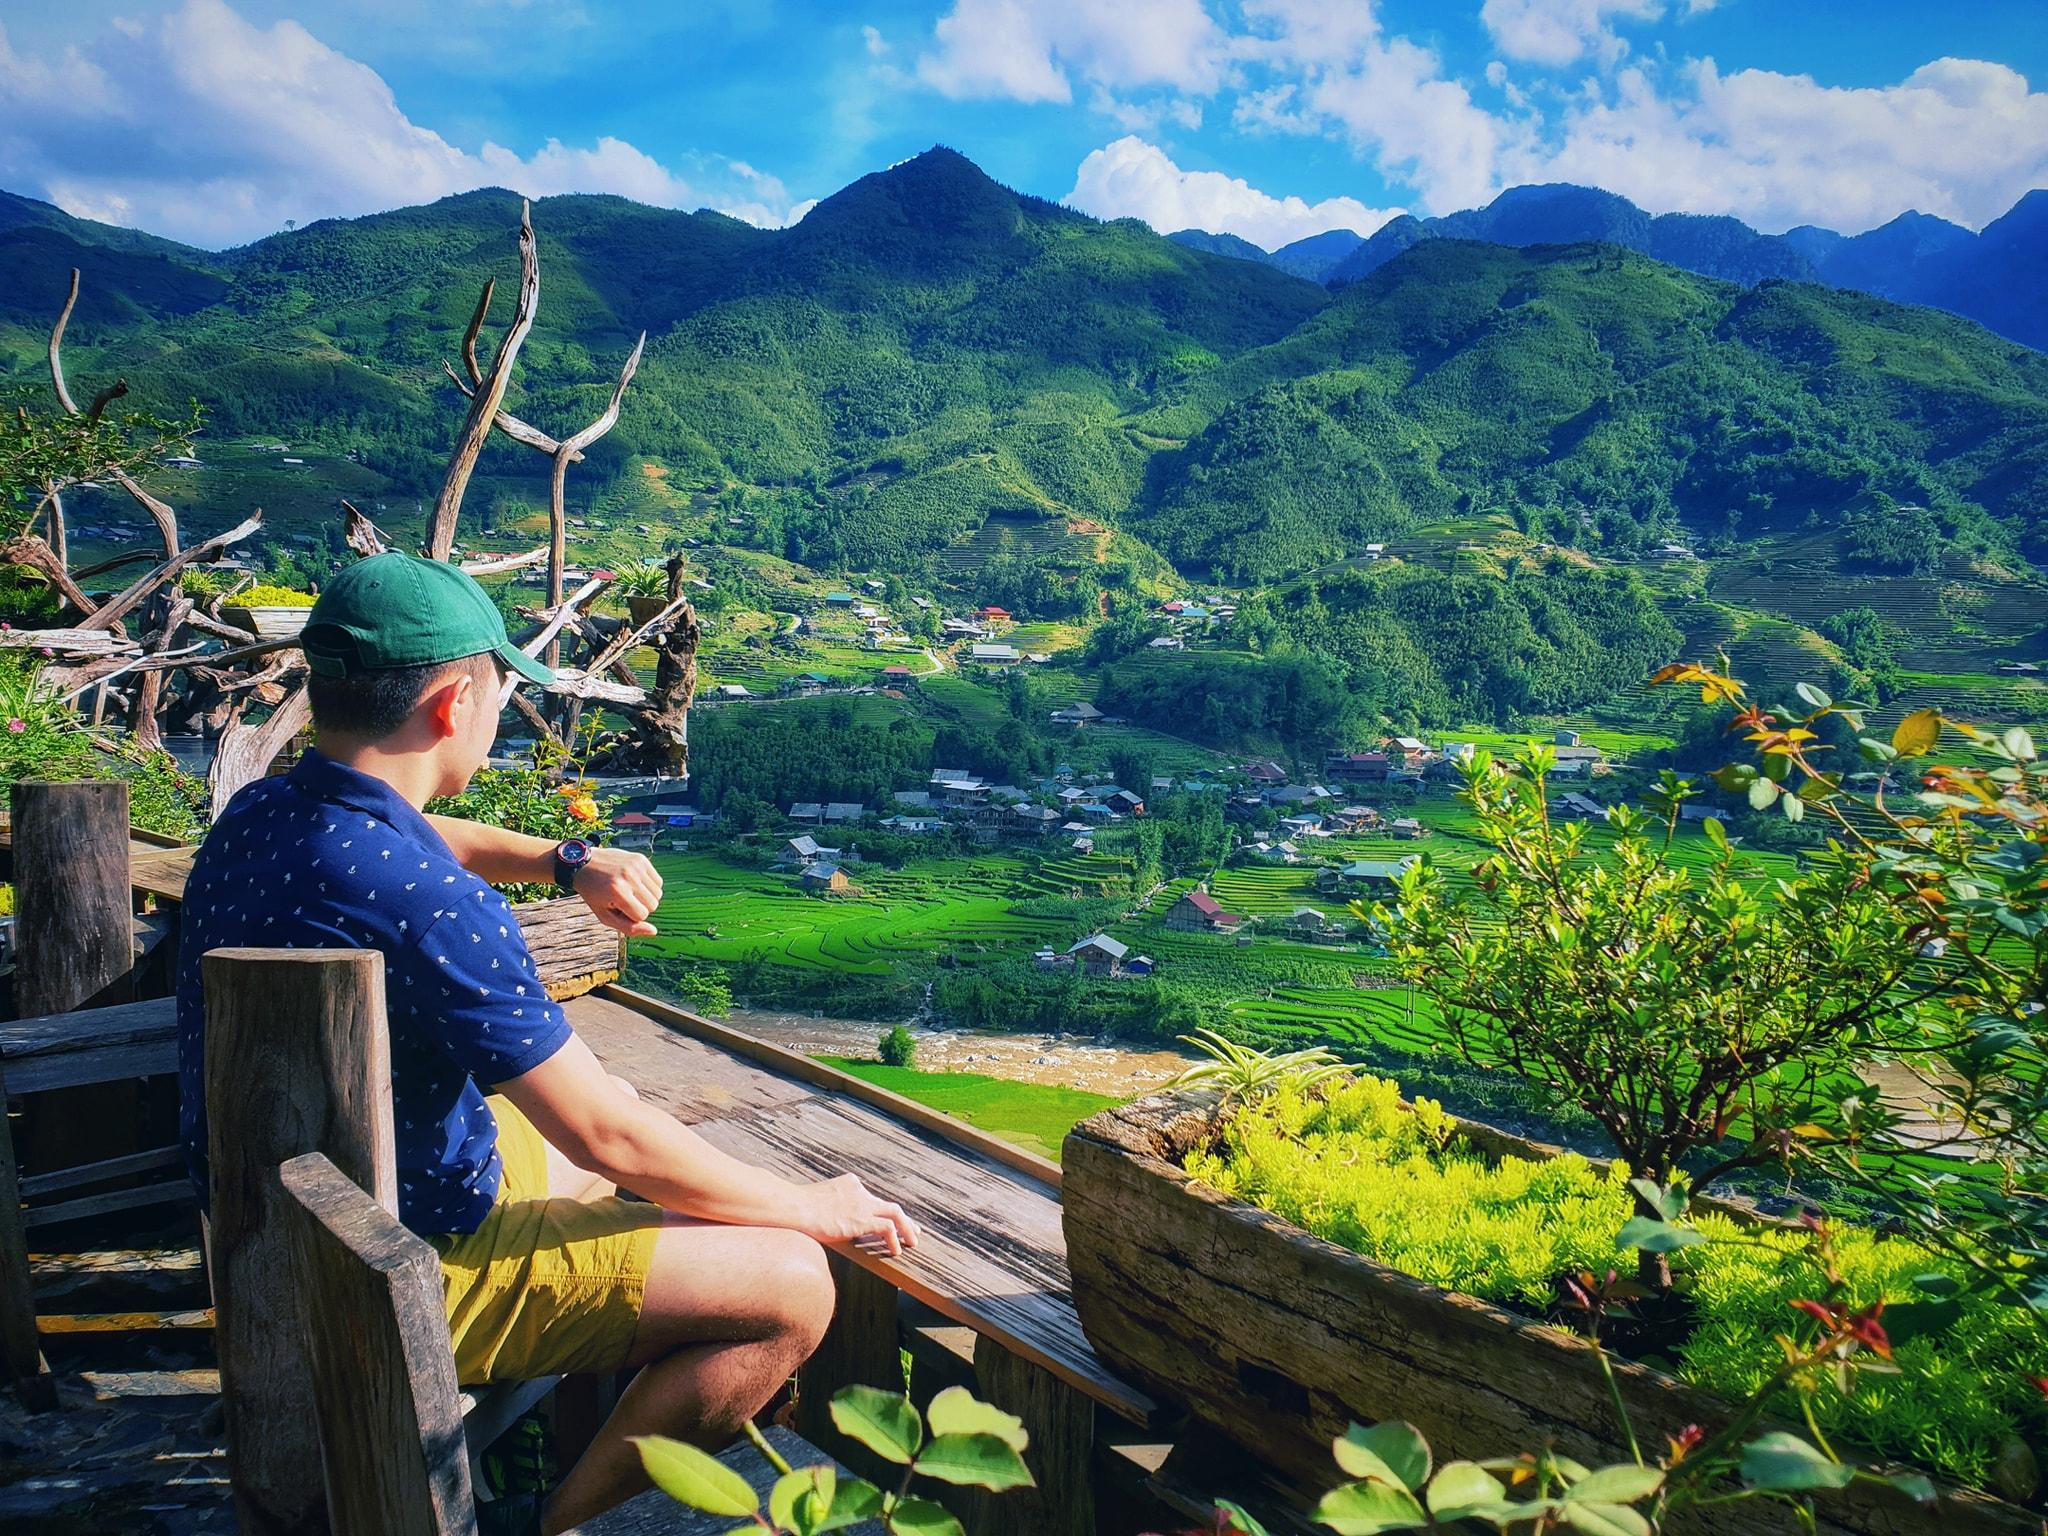 Tour du lịch Sapa khởi hành từ Hà Nội: Chi phí trọn gói chỉ từ 1,1 triệu đồng - Ảnh 6.